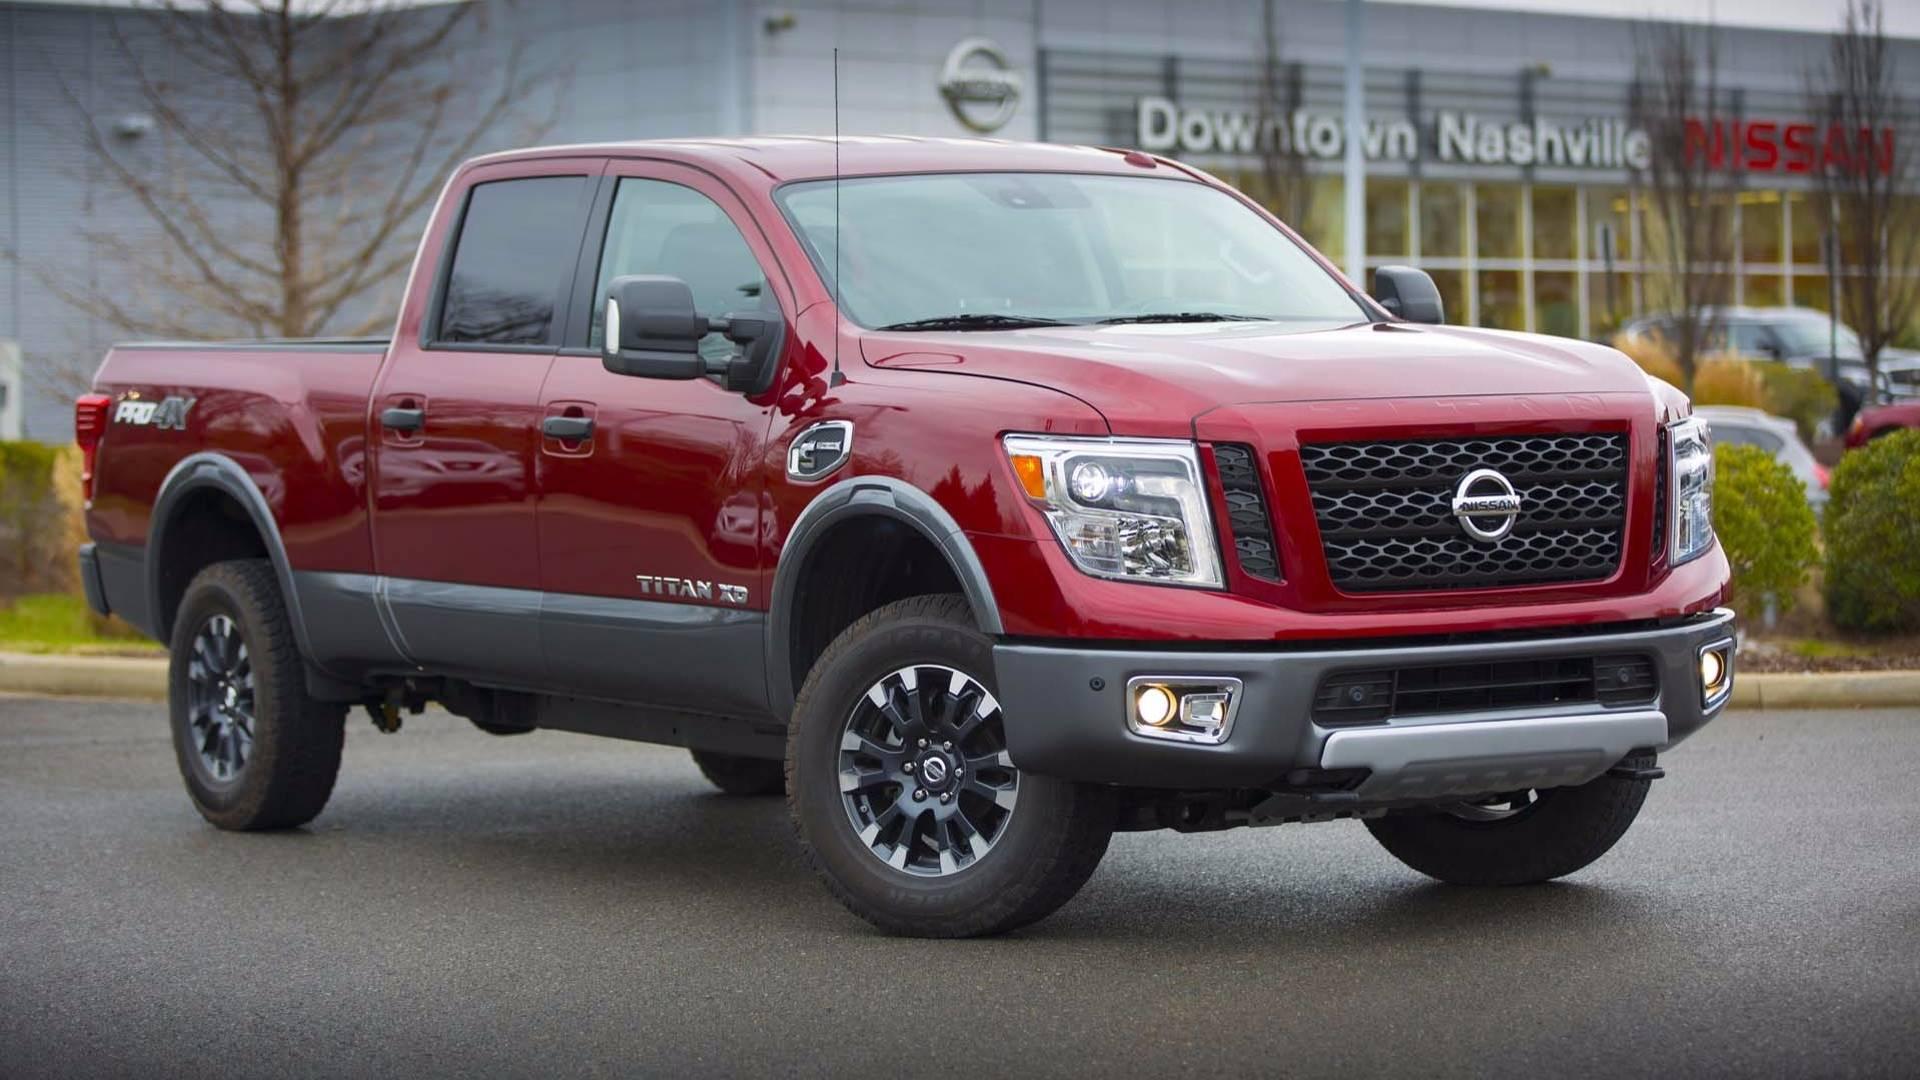 New Nissan Truck >> New Nissan Titan Ad Campaign Pokes Fun At Lazy Pickup Trucks